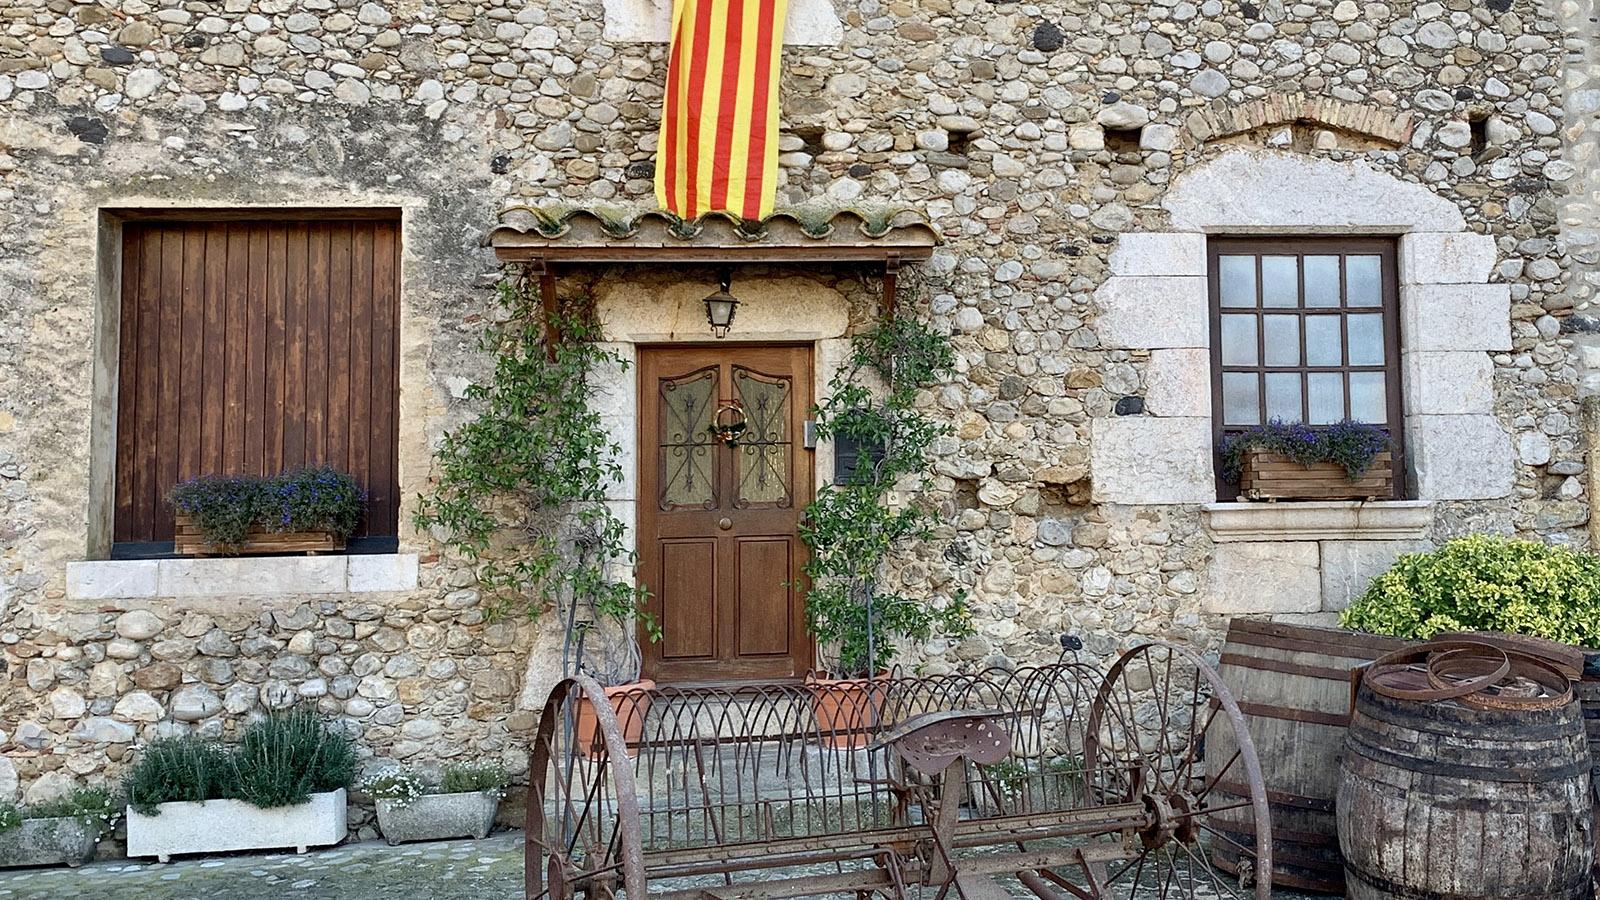 Costa Brava: Allerorten zu sehen - die Farben Kataloniens. Foto: Hilke Maunder